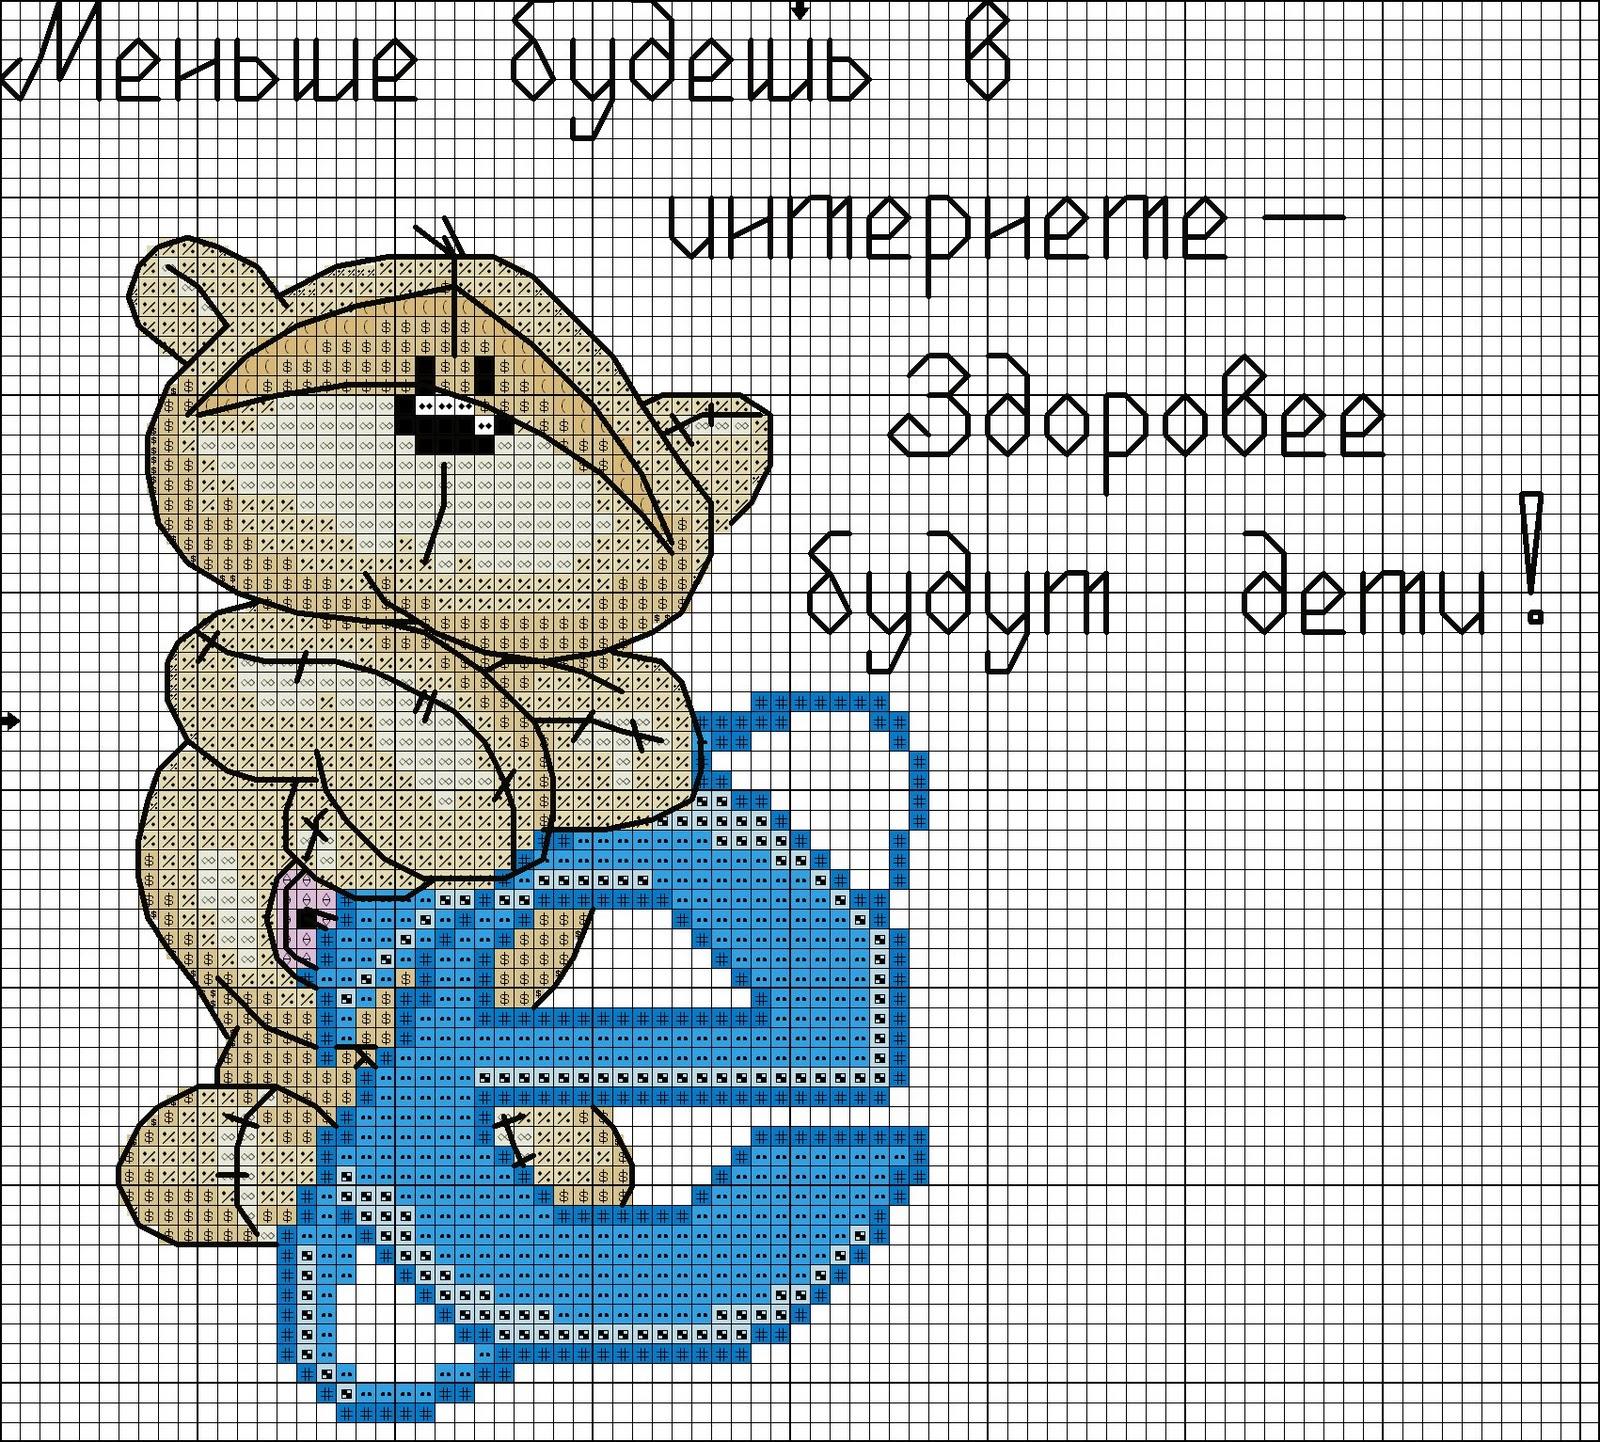 Вышивка крестом мишки тедди схемы любимого персонажа